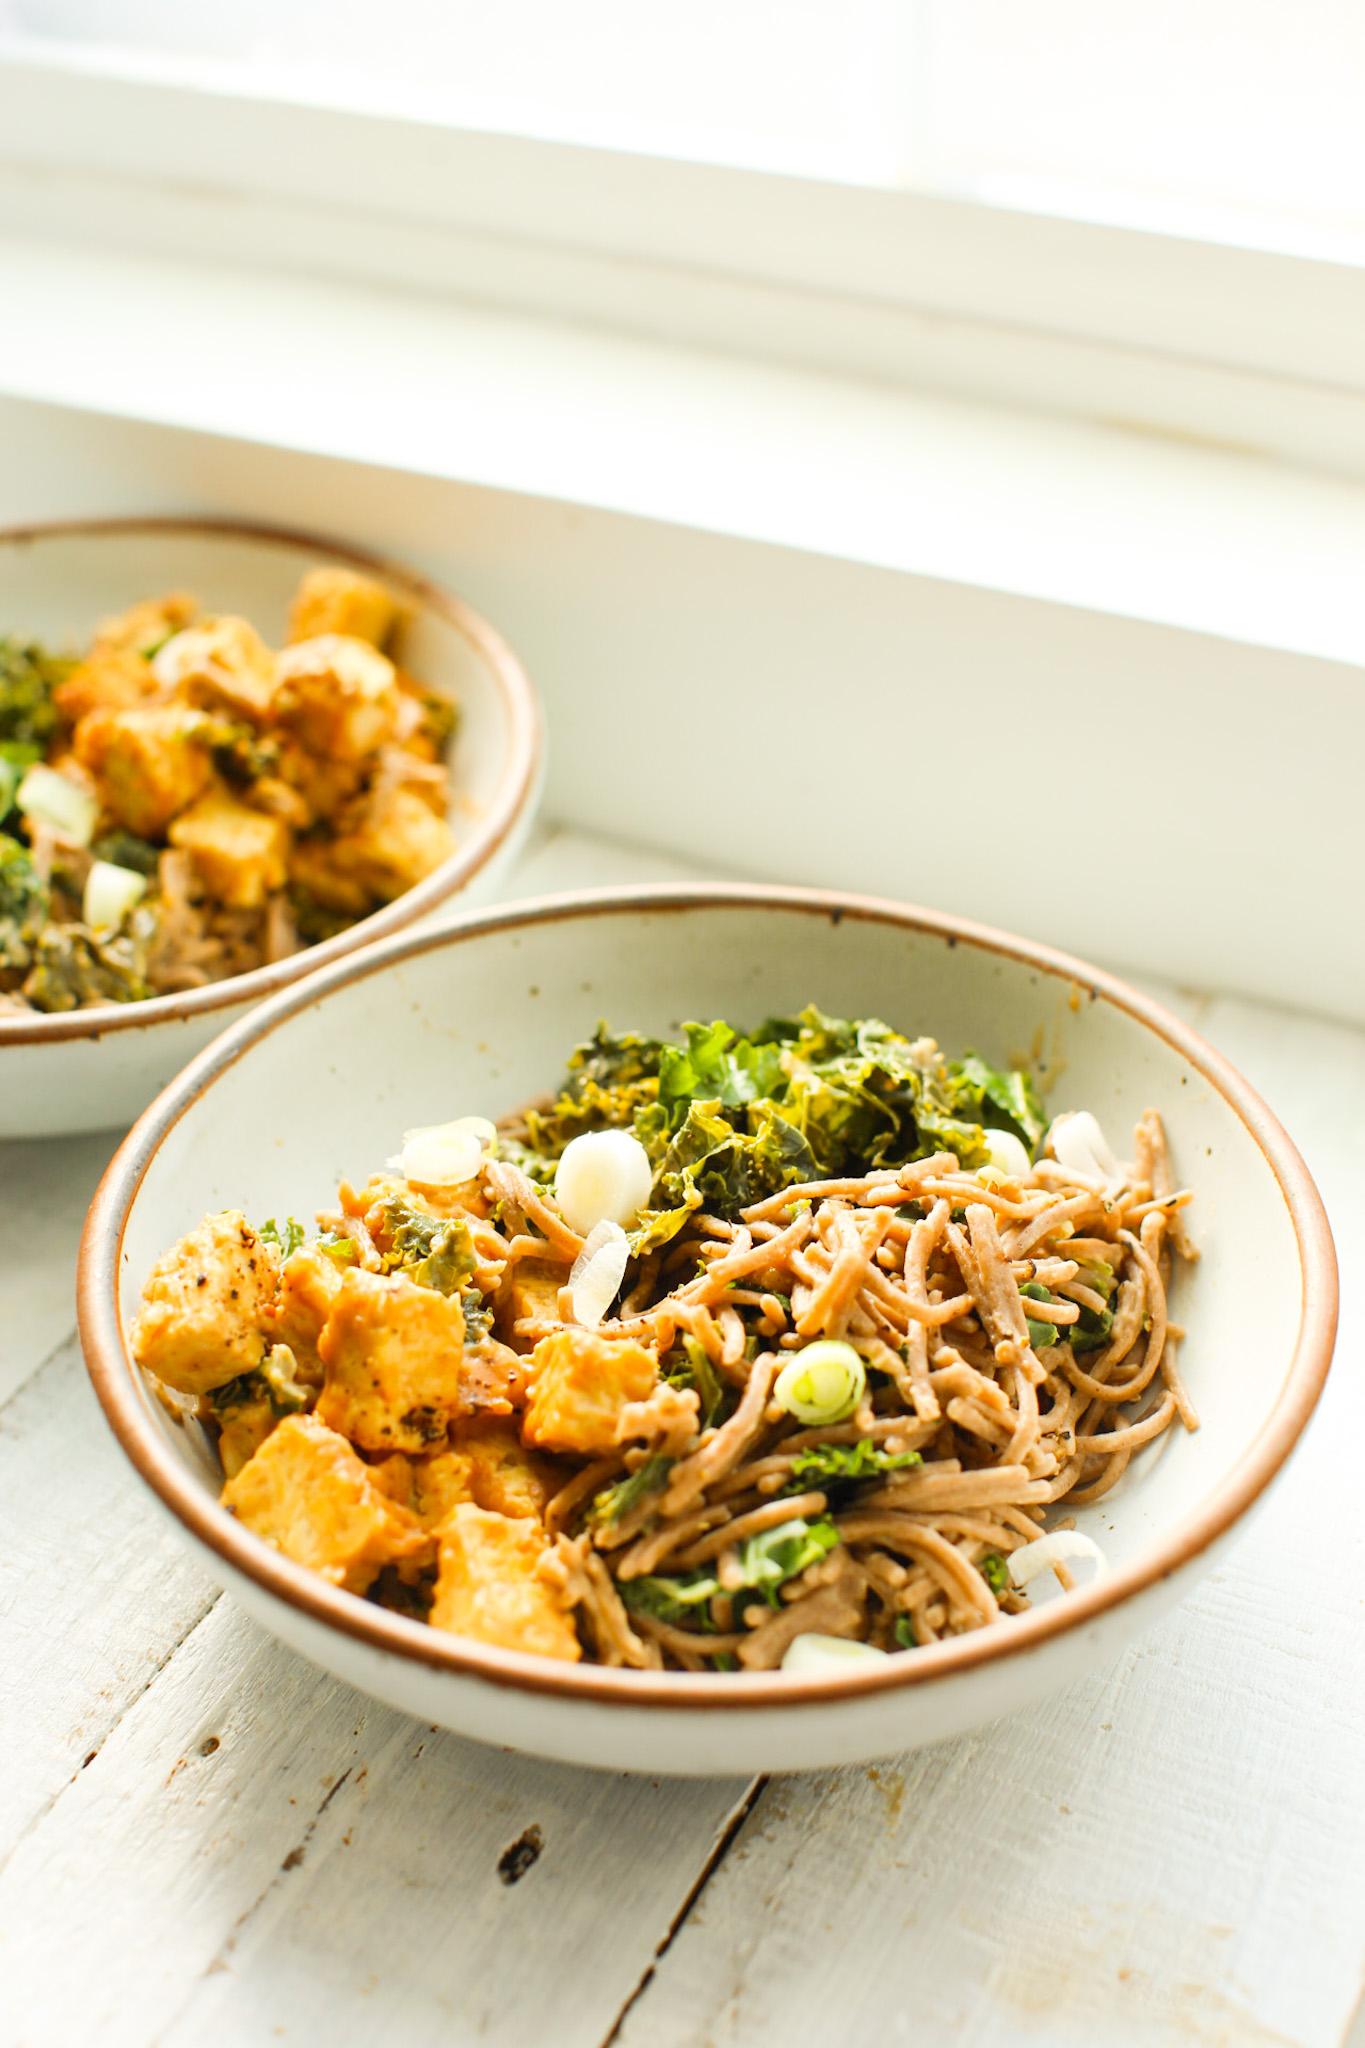 peanut tempeh kale noodles